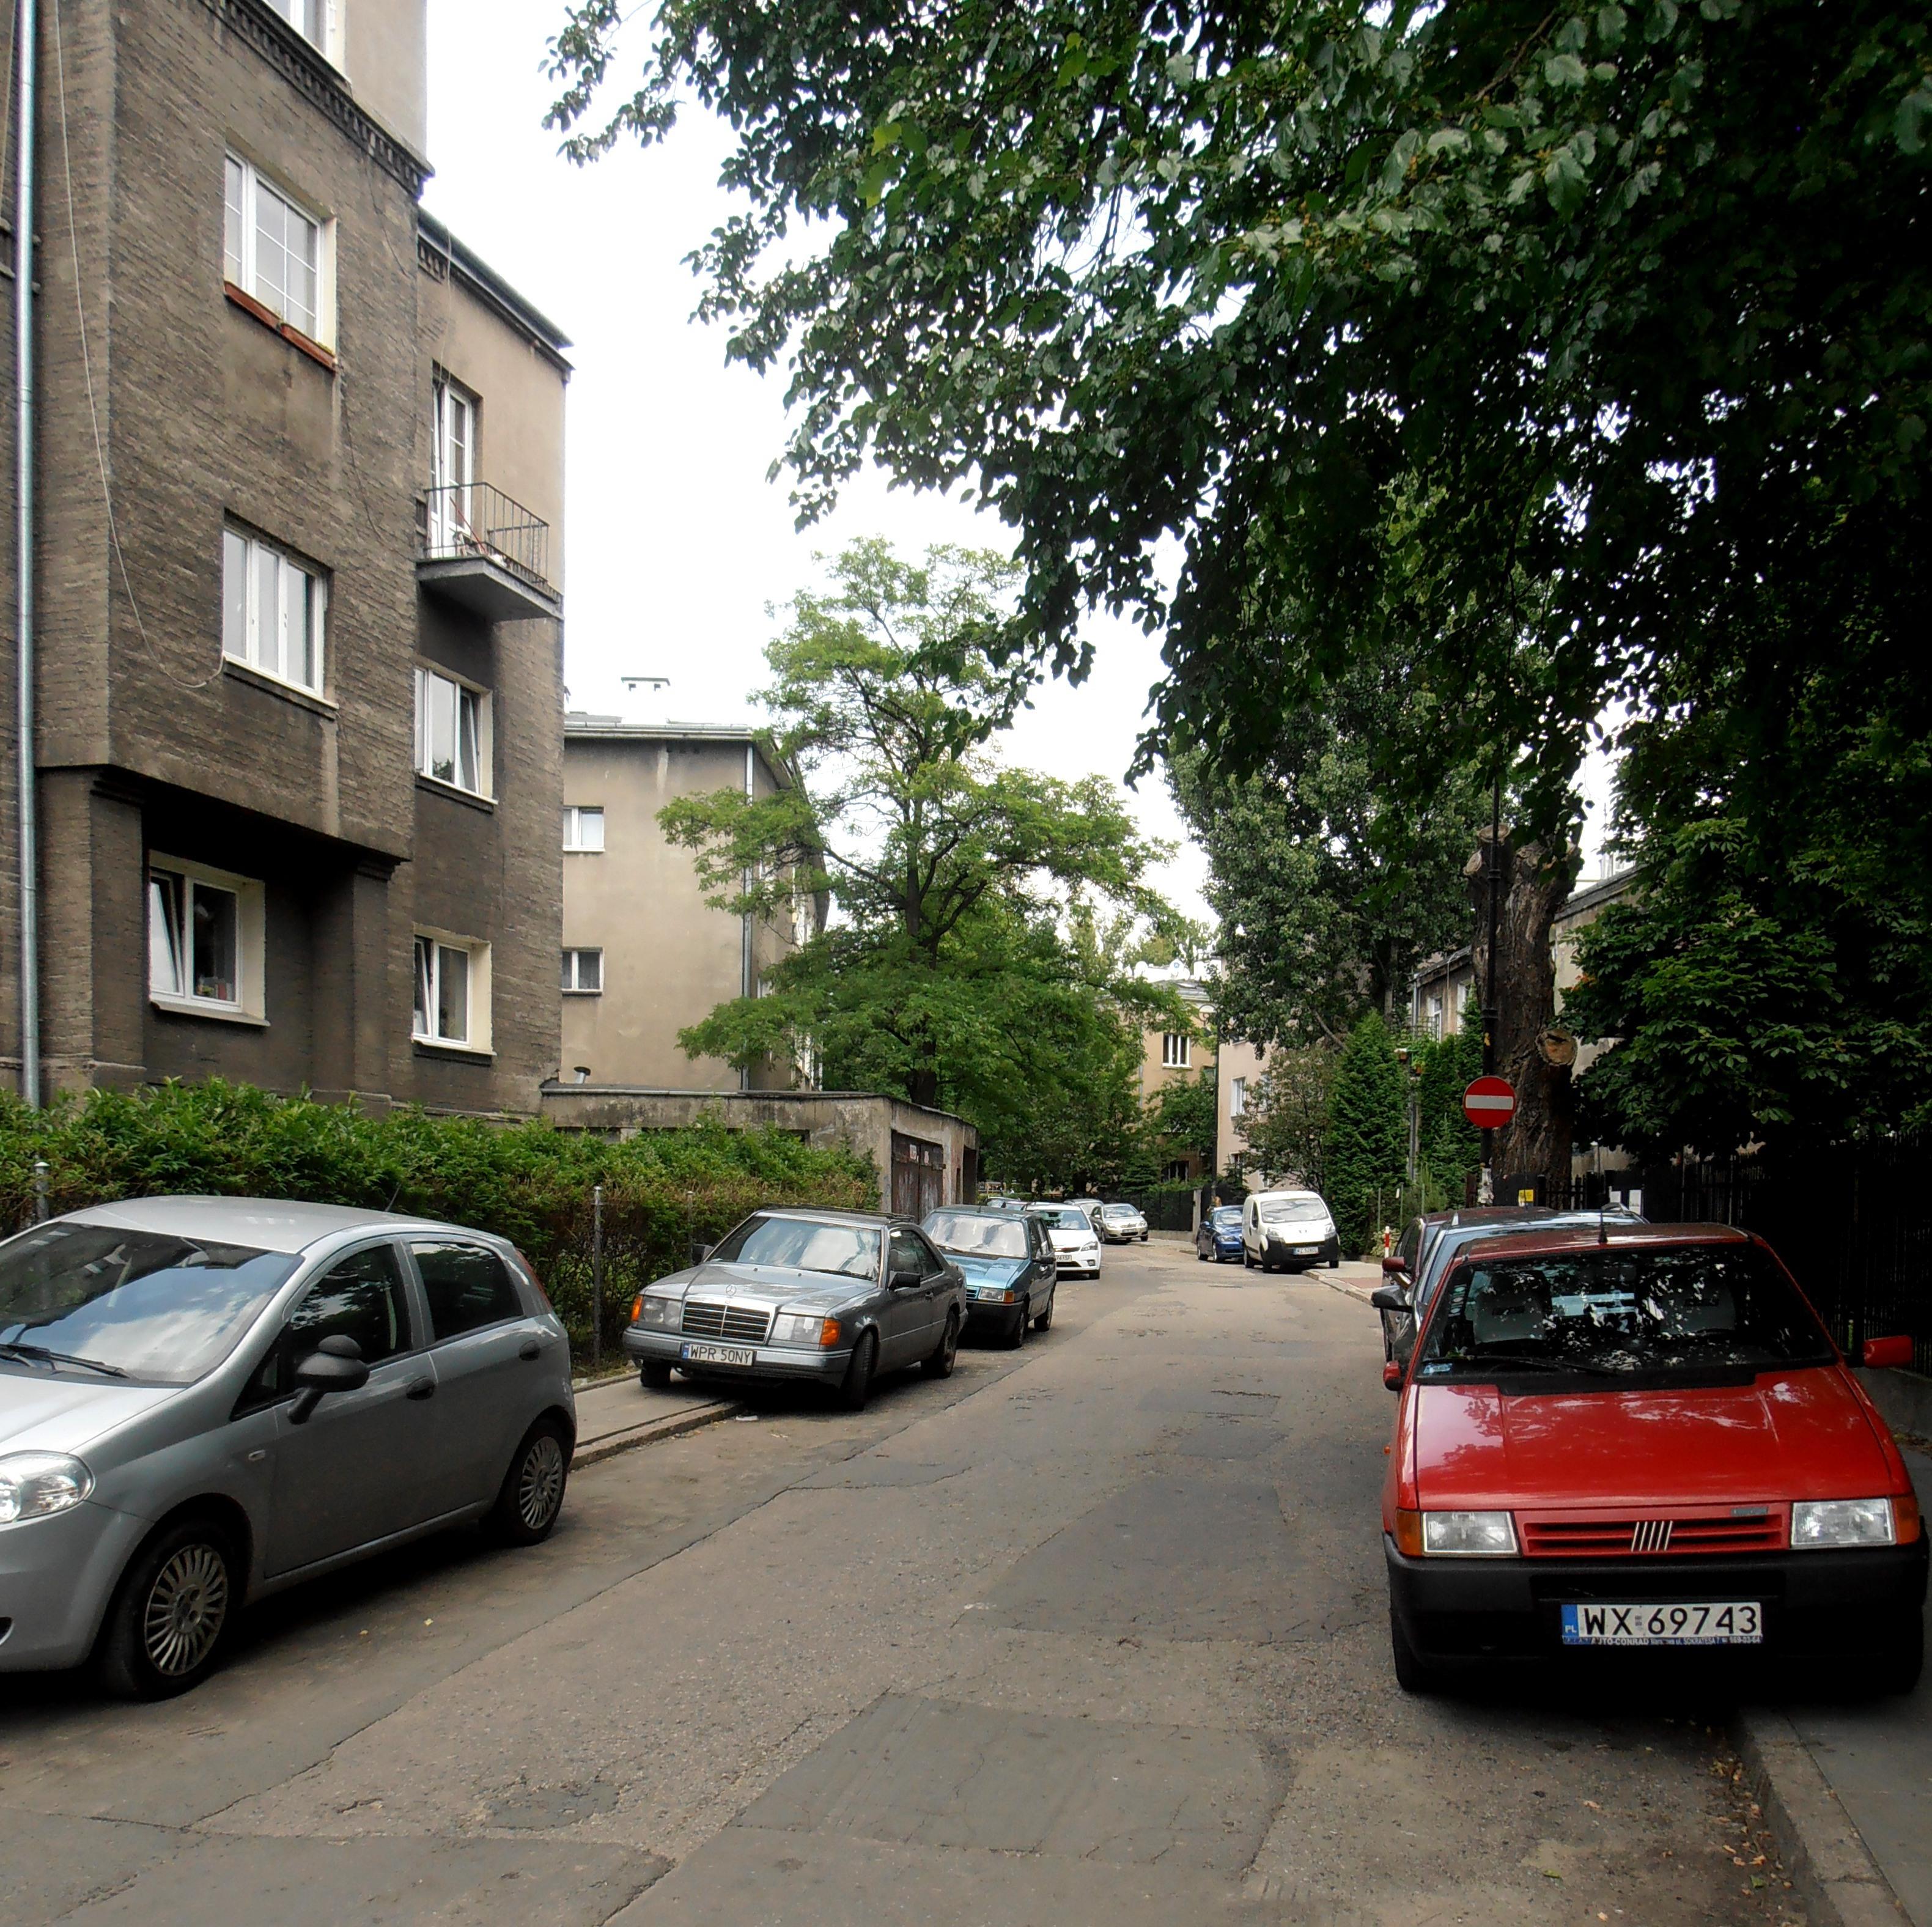 Ulica Lipska